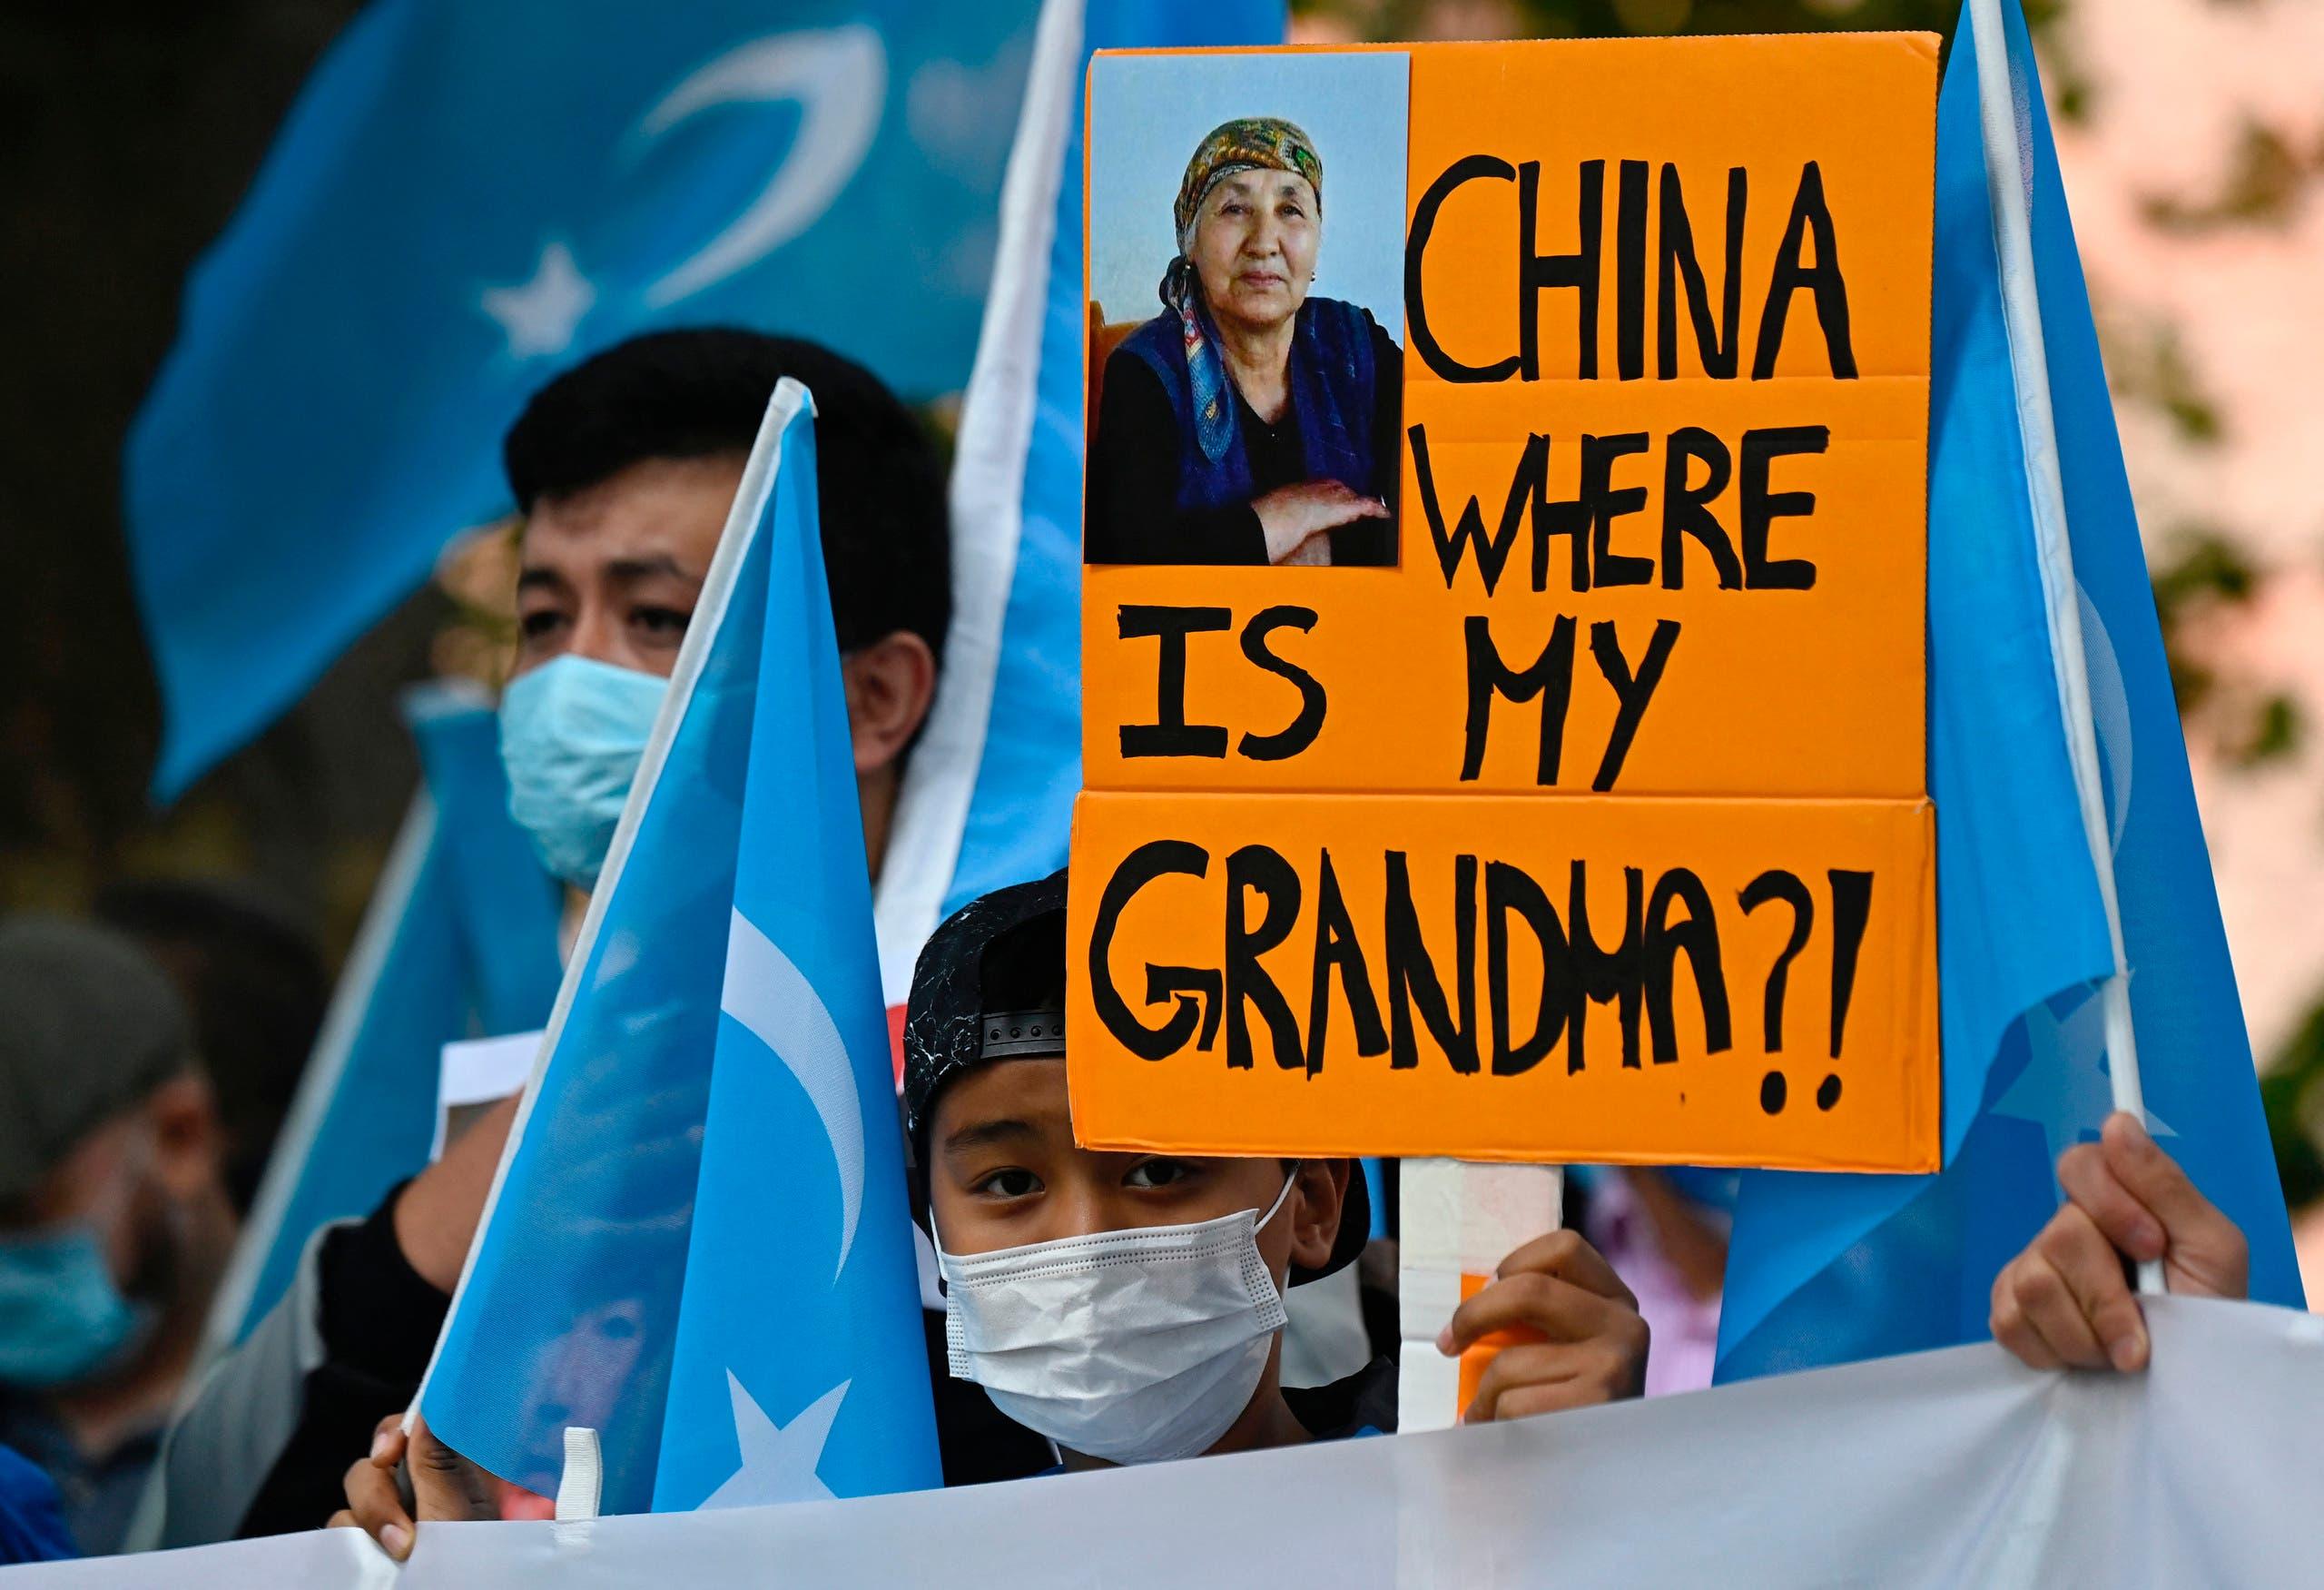 مظاهرة منددة بتعامل الصين مع الإيغور أمام وزارة الخارجية الألمانية في برلين في 2020